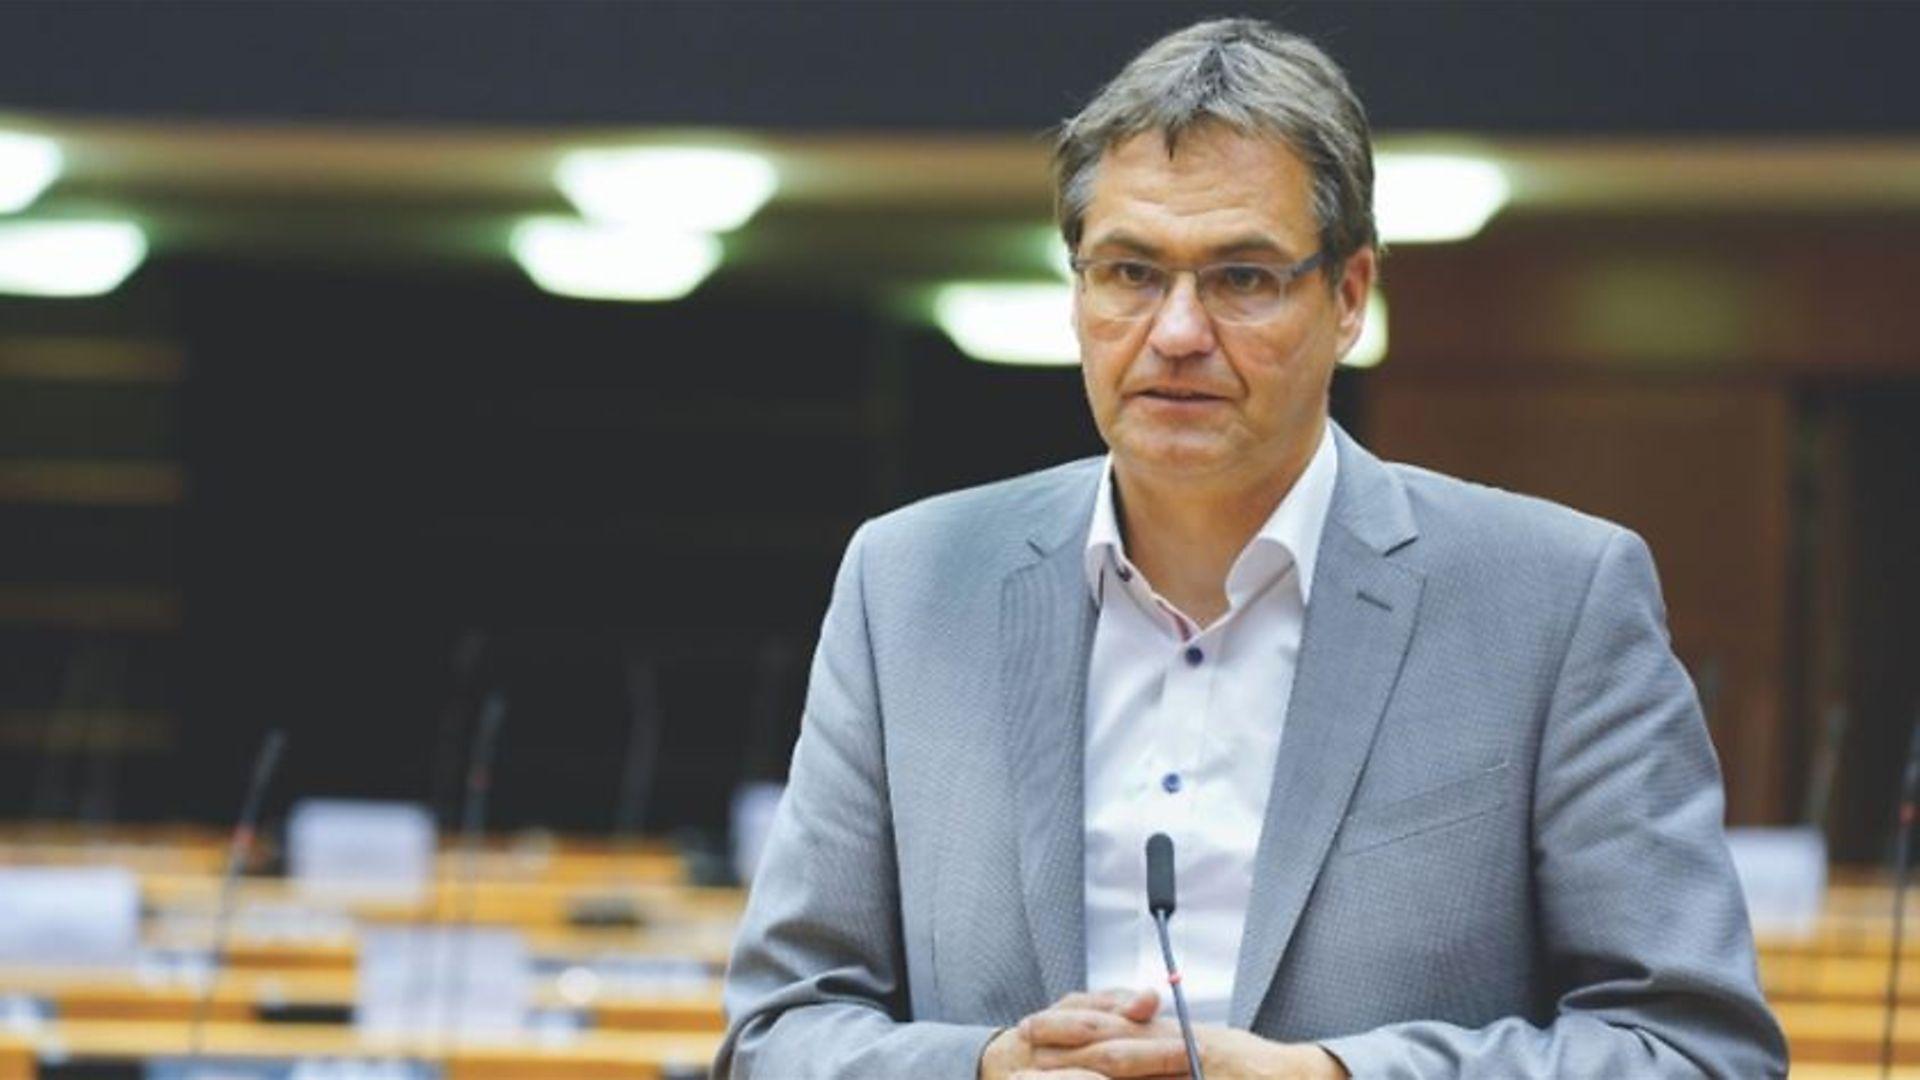 Peter Liese - Credit: European Parliament